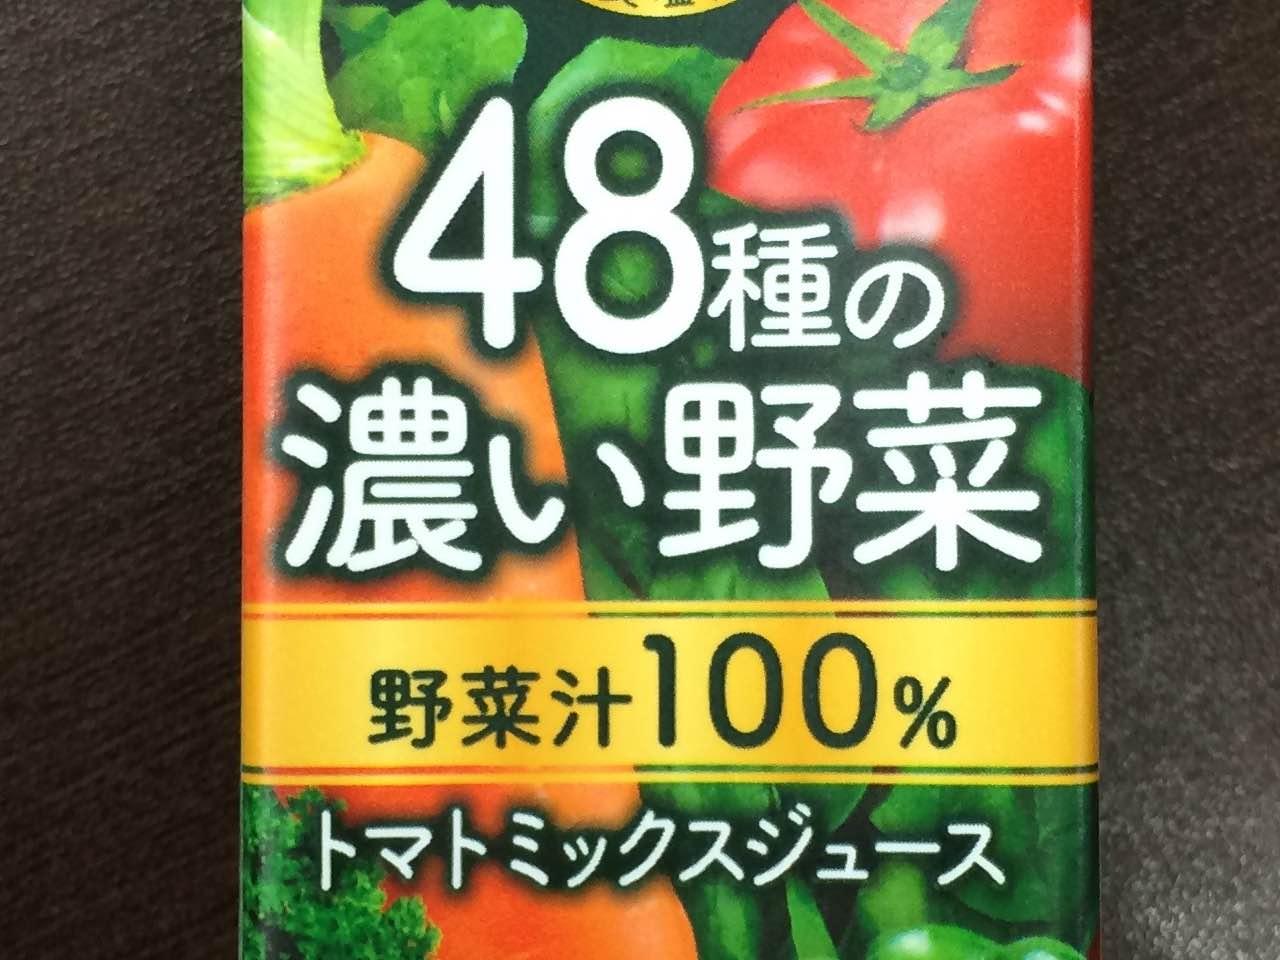 無添加野菜 48種の濃い野菜100%